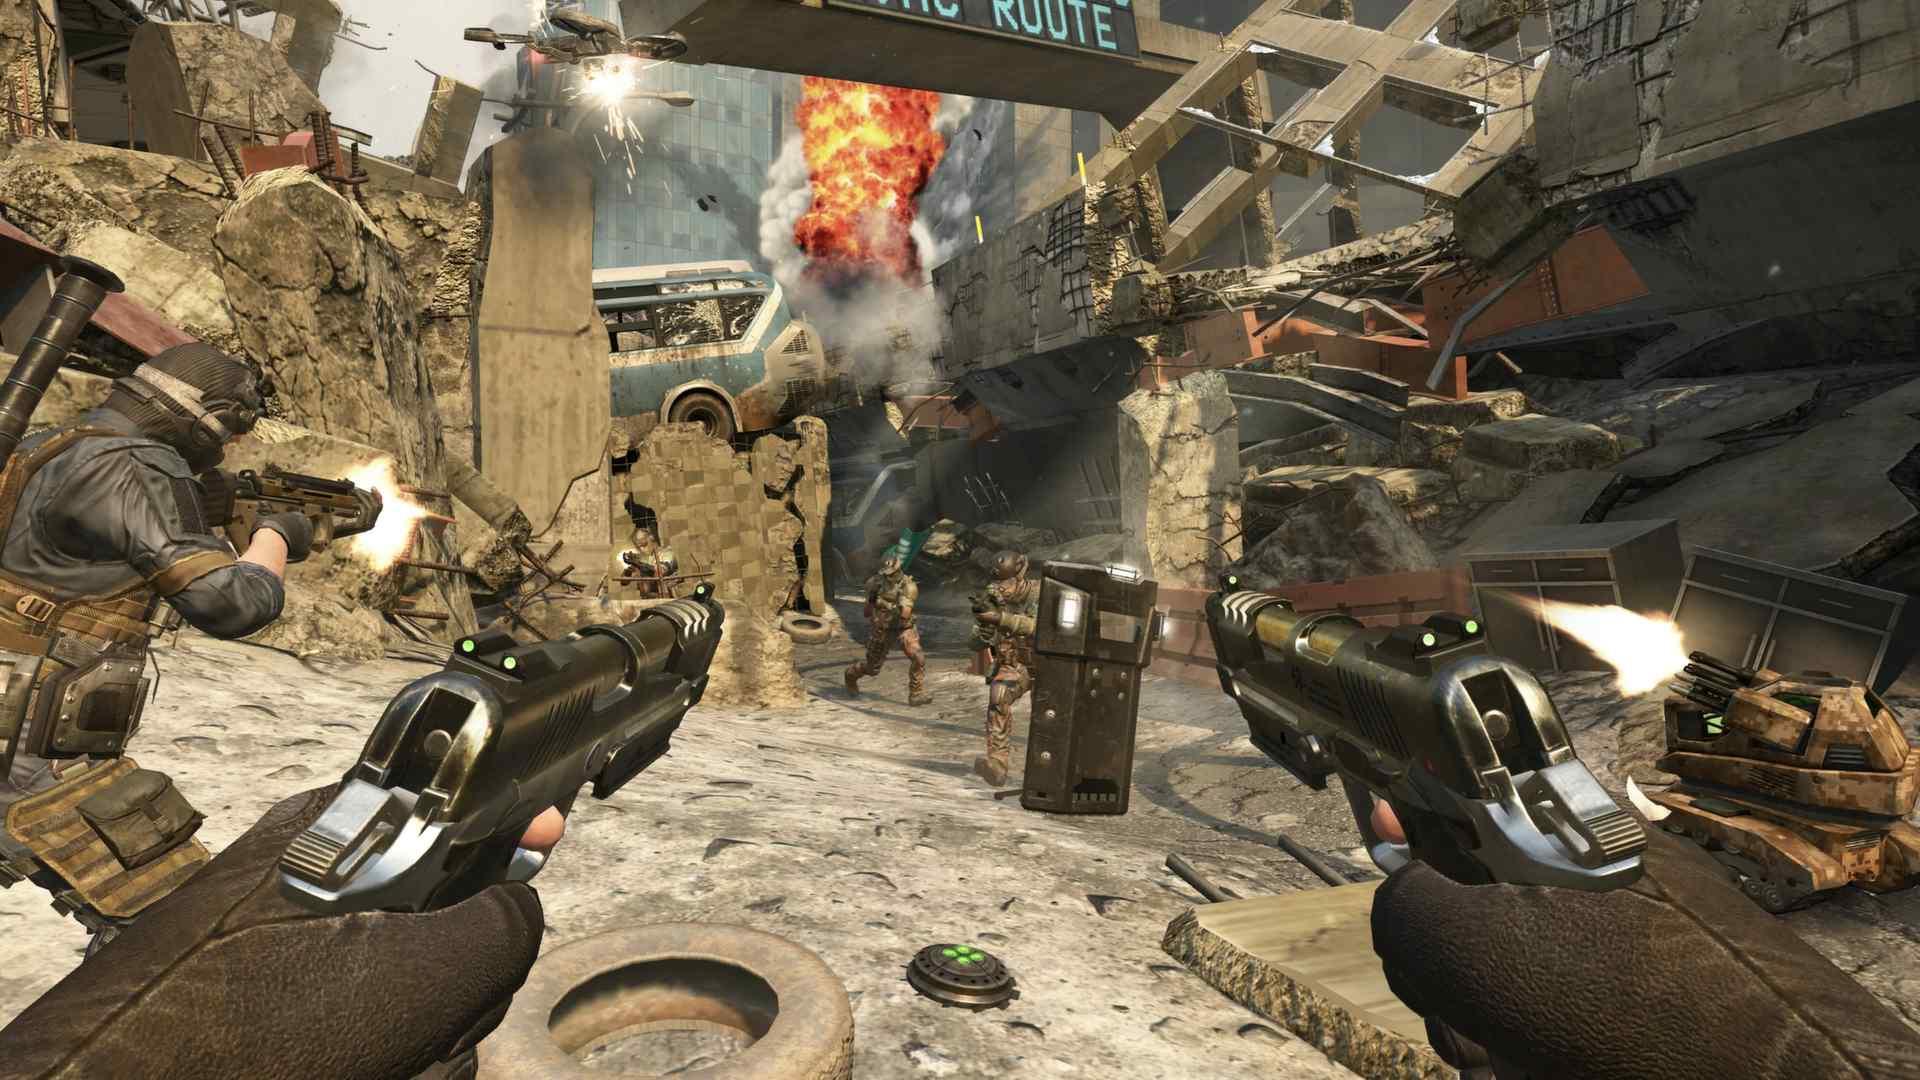 Call of Duty: Black Ops II Screenshot 2